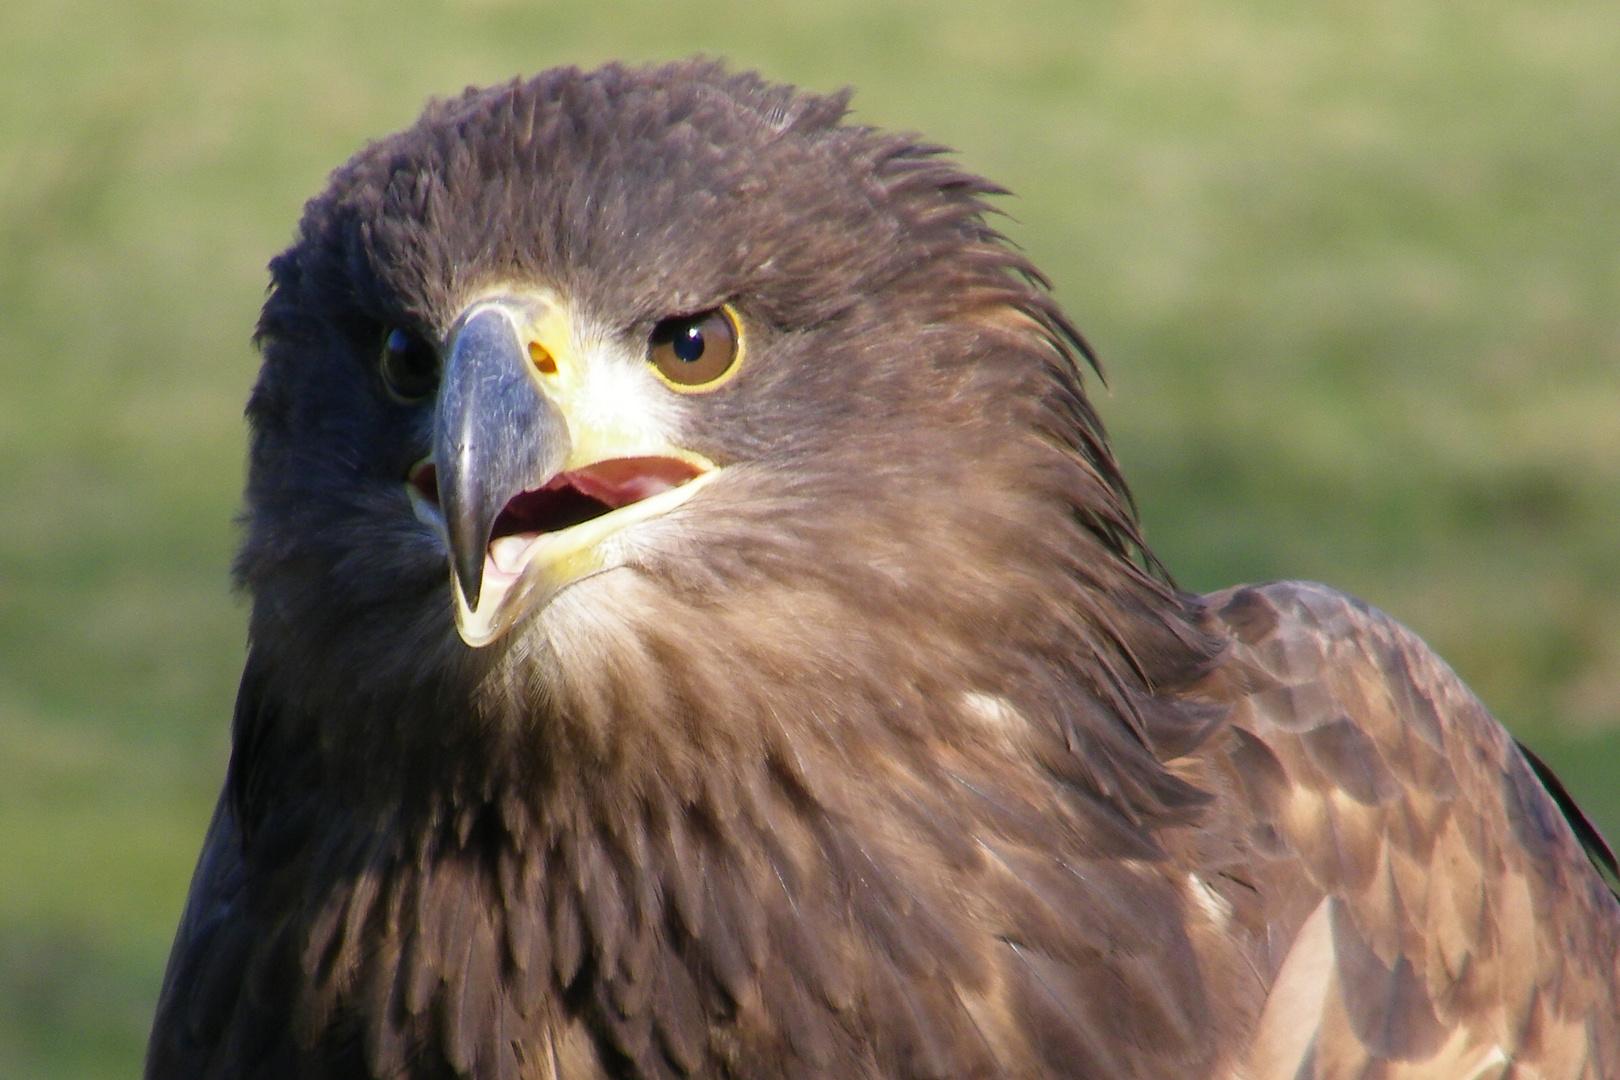 Einfach faszinierend diese Vögel